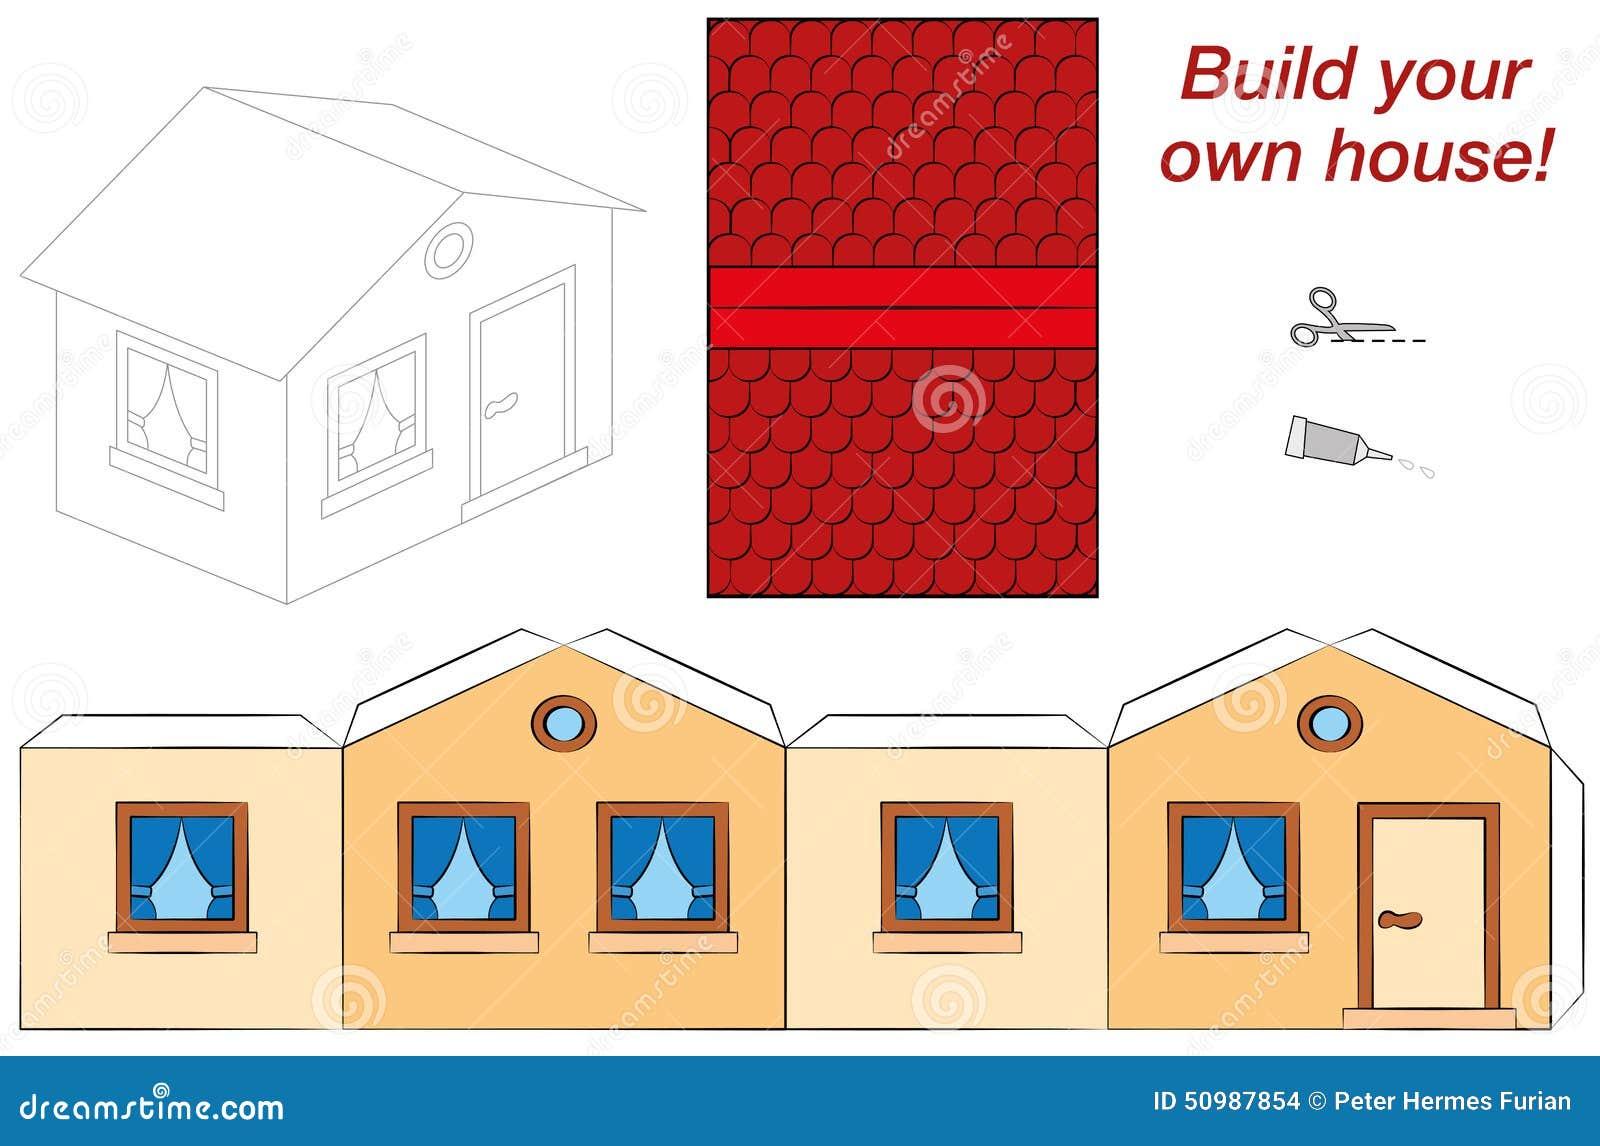 Nette Haus-Schablone vektor abbildung. Illustration von dach - 50987854